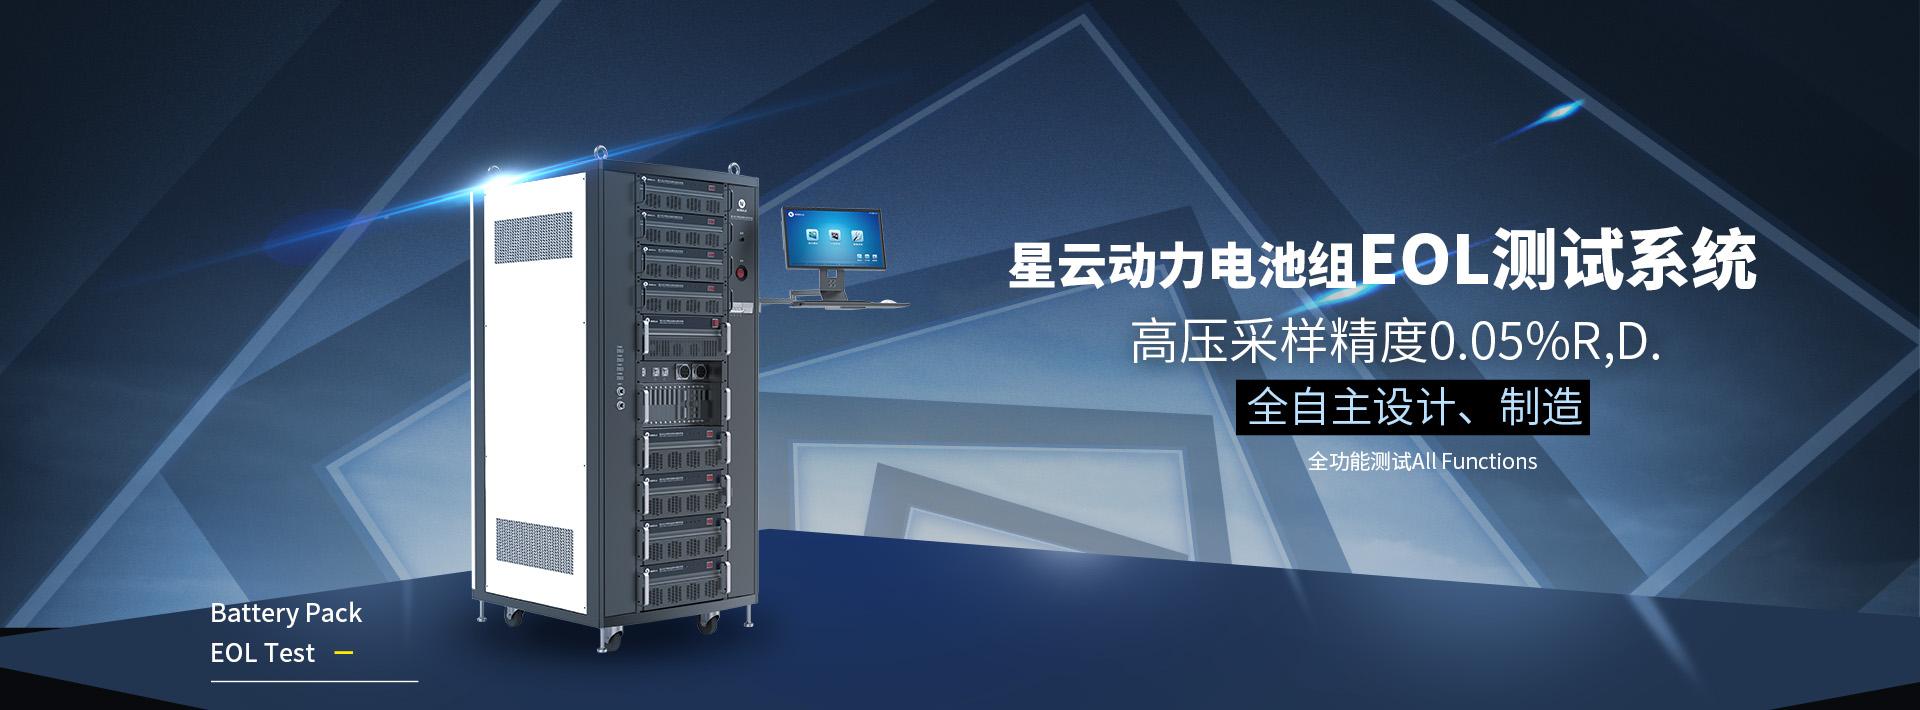 官网banner-EOL tester